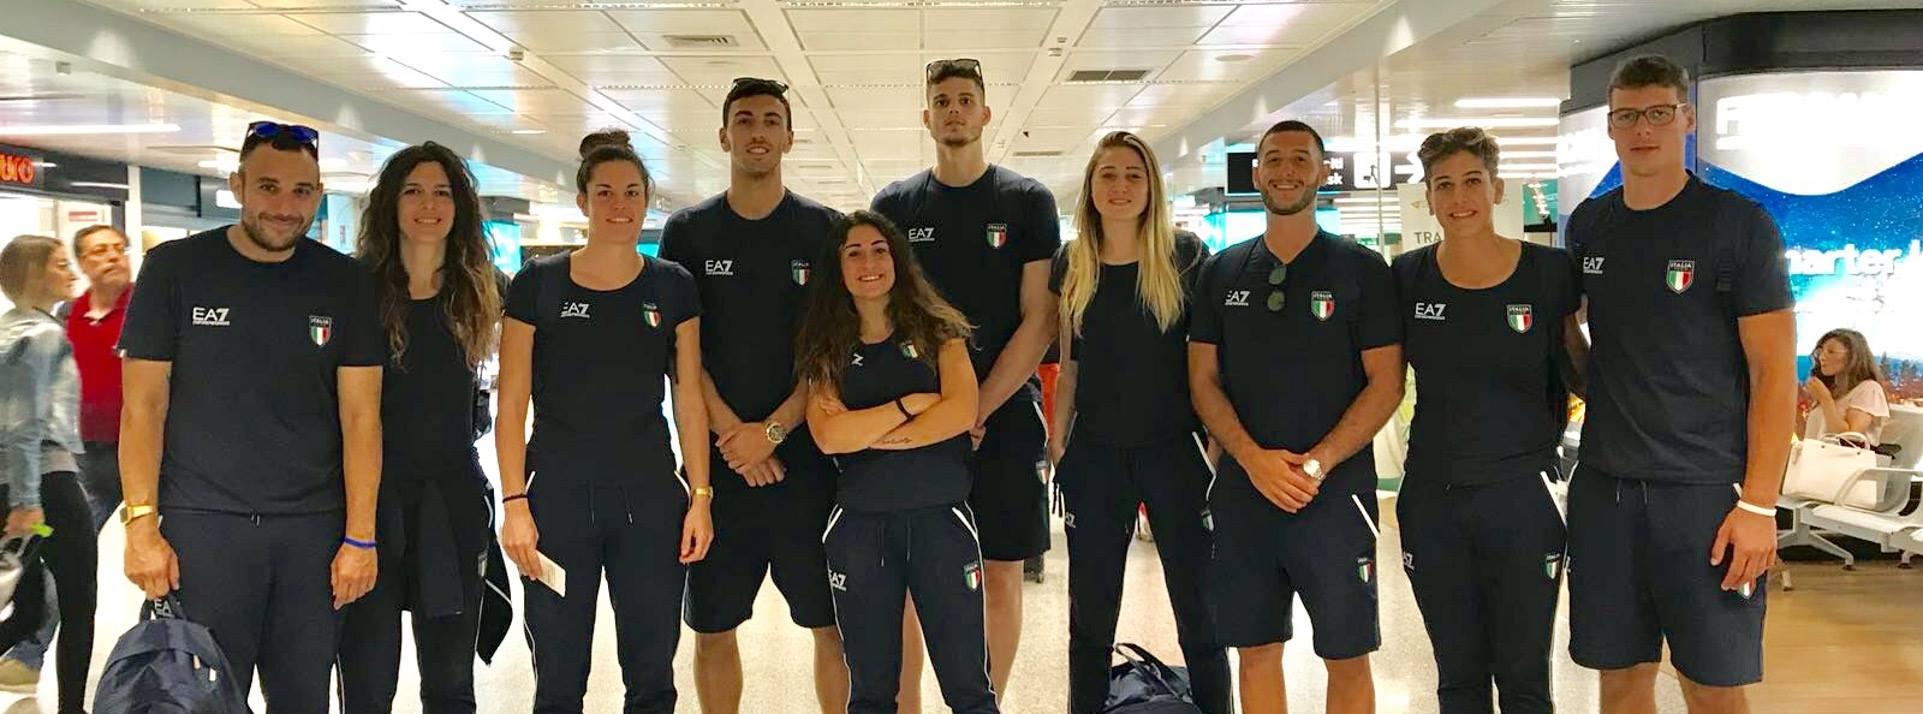 Nazionali Maschili Femminili 3x3 2018: fine settimana intenso per gli azzurri ai Giochi del Mediterraneo ed alle Qualificazioni della FIBA Europe Cup